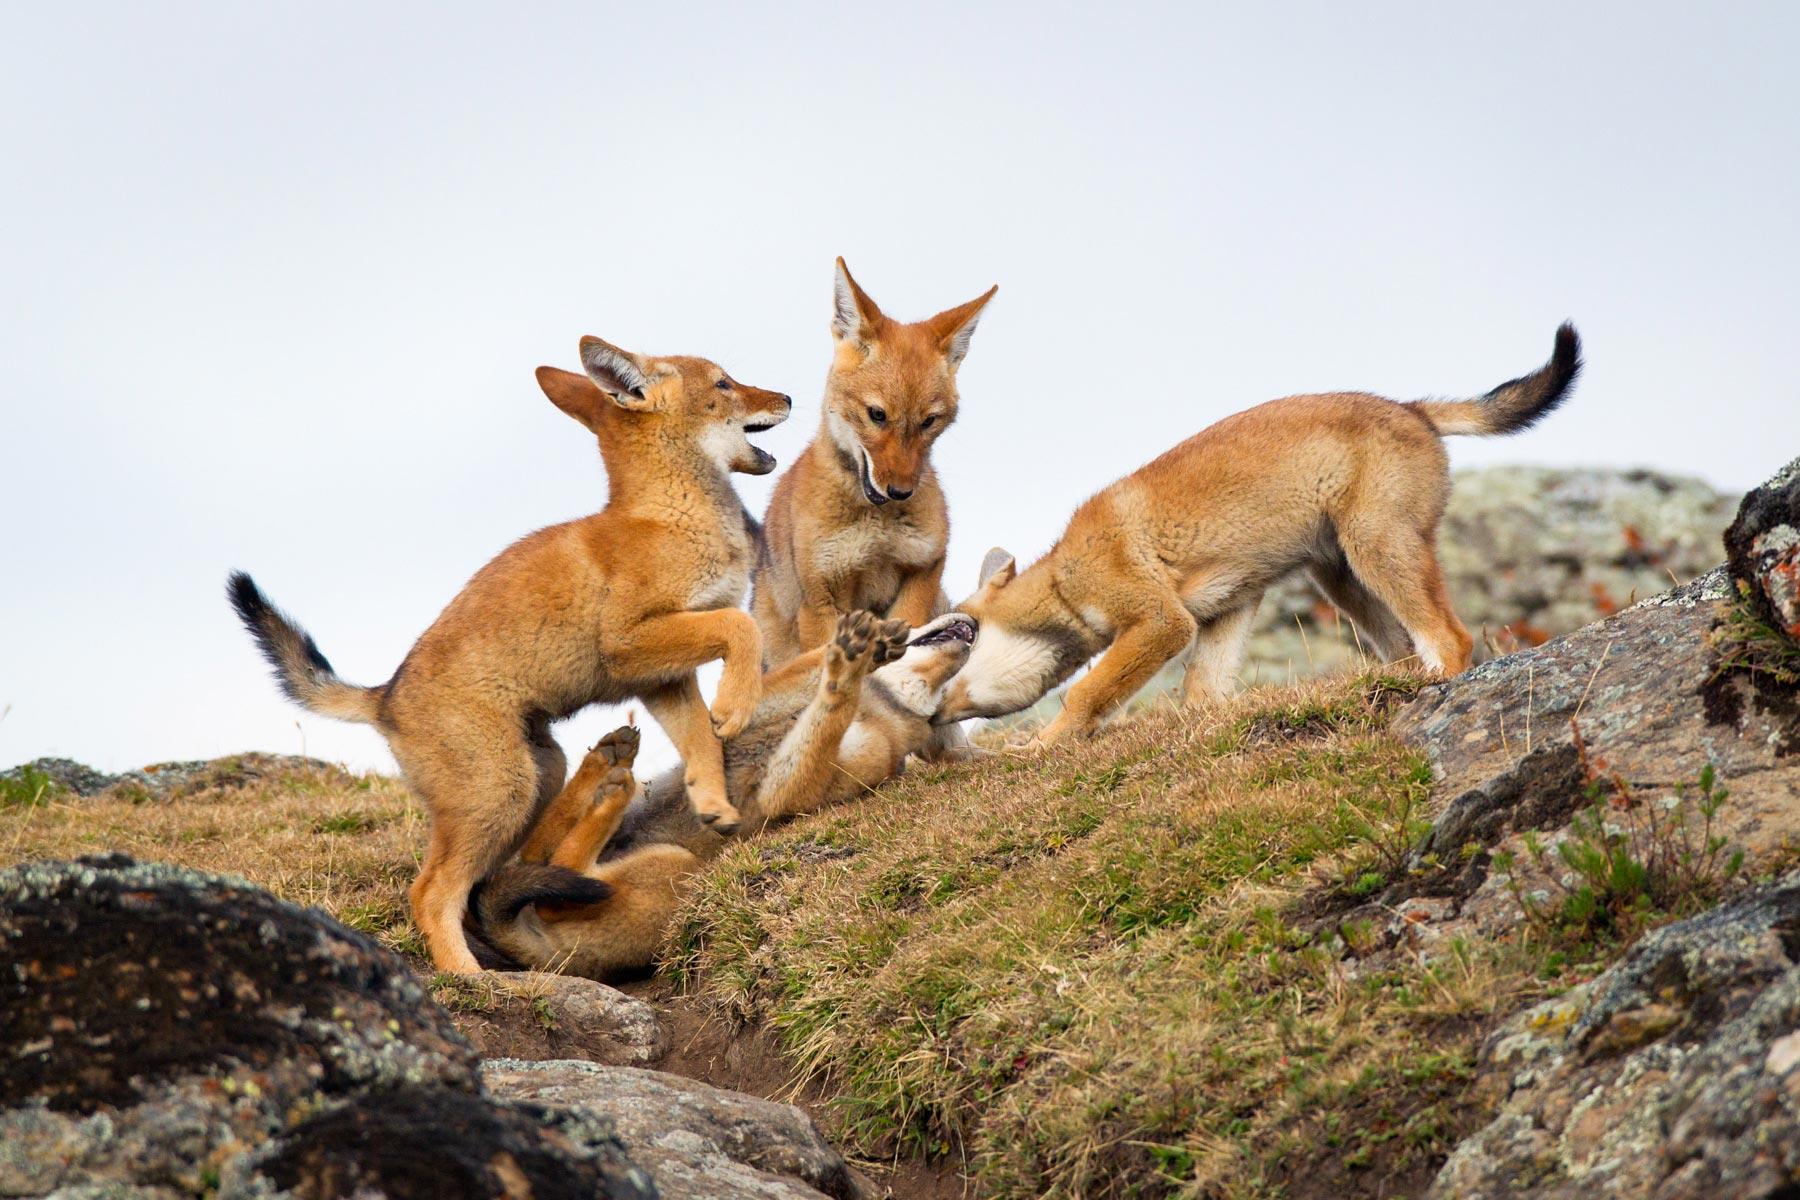 Ehtiopian-wolf-will-burrard-lucas-9